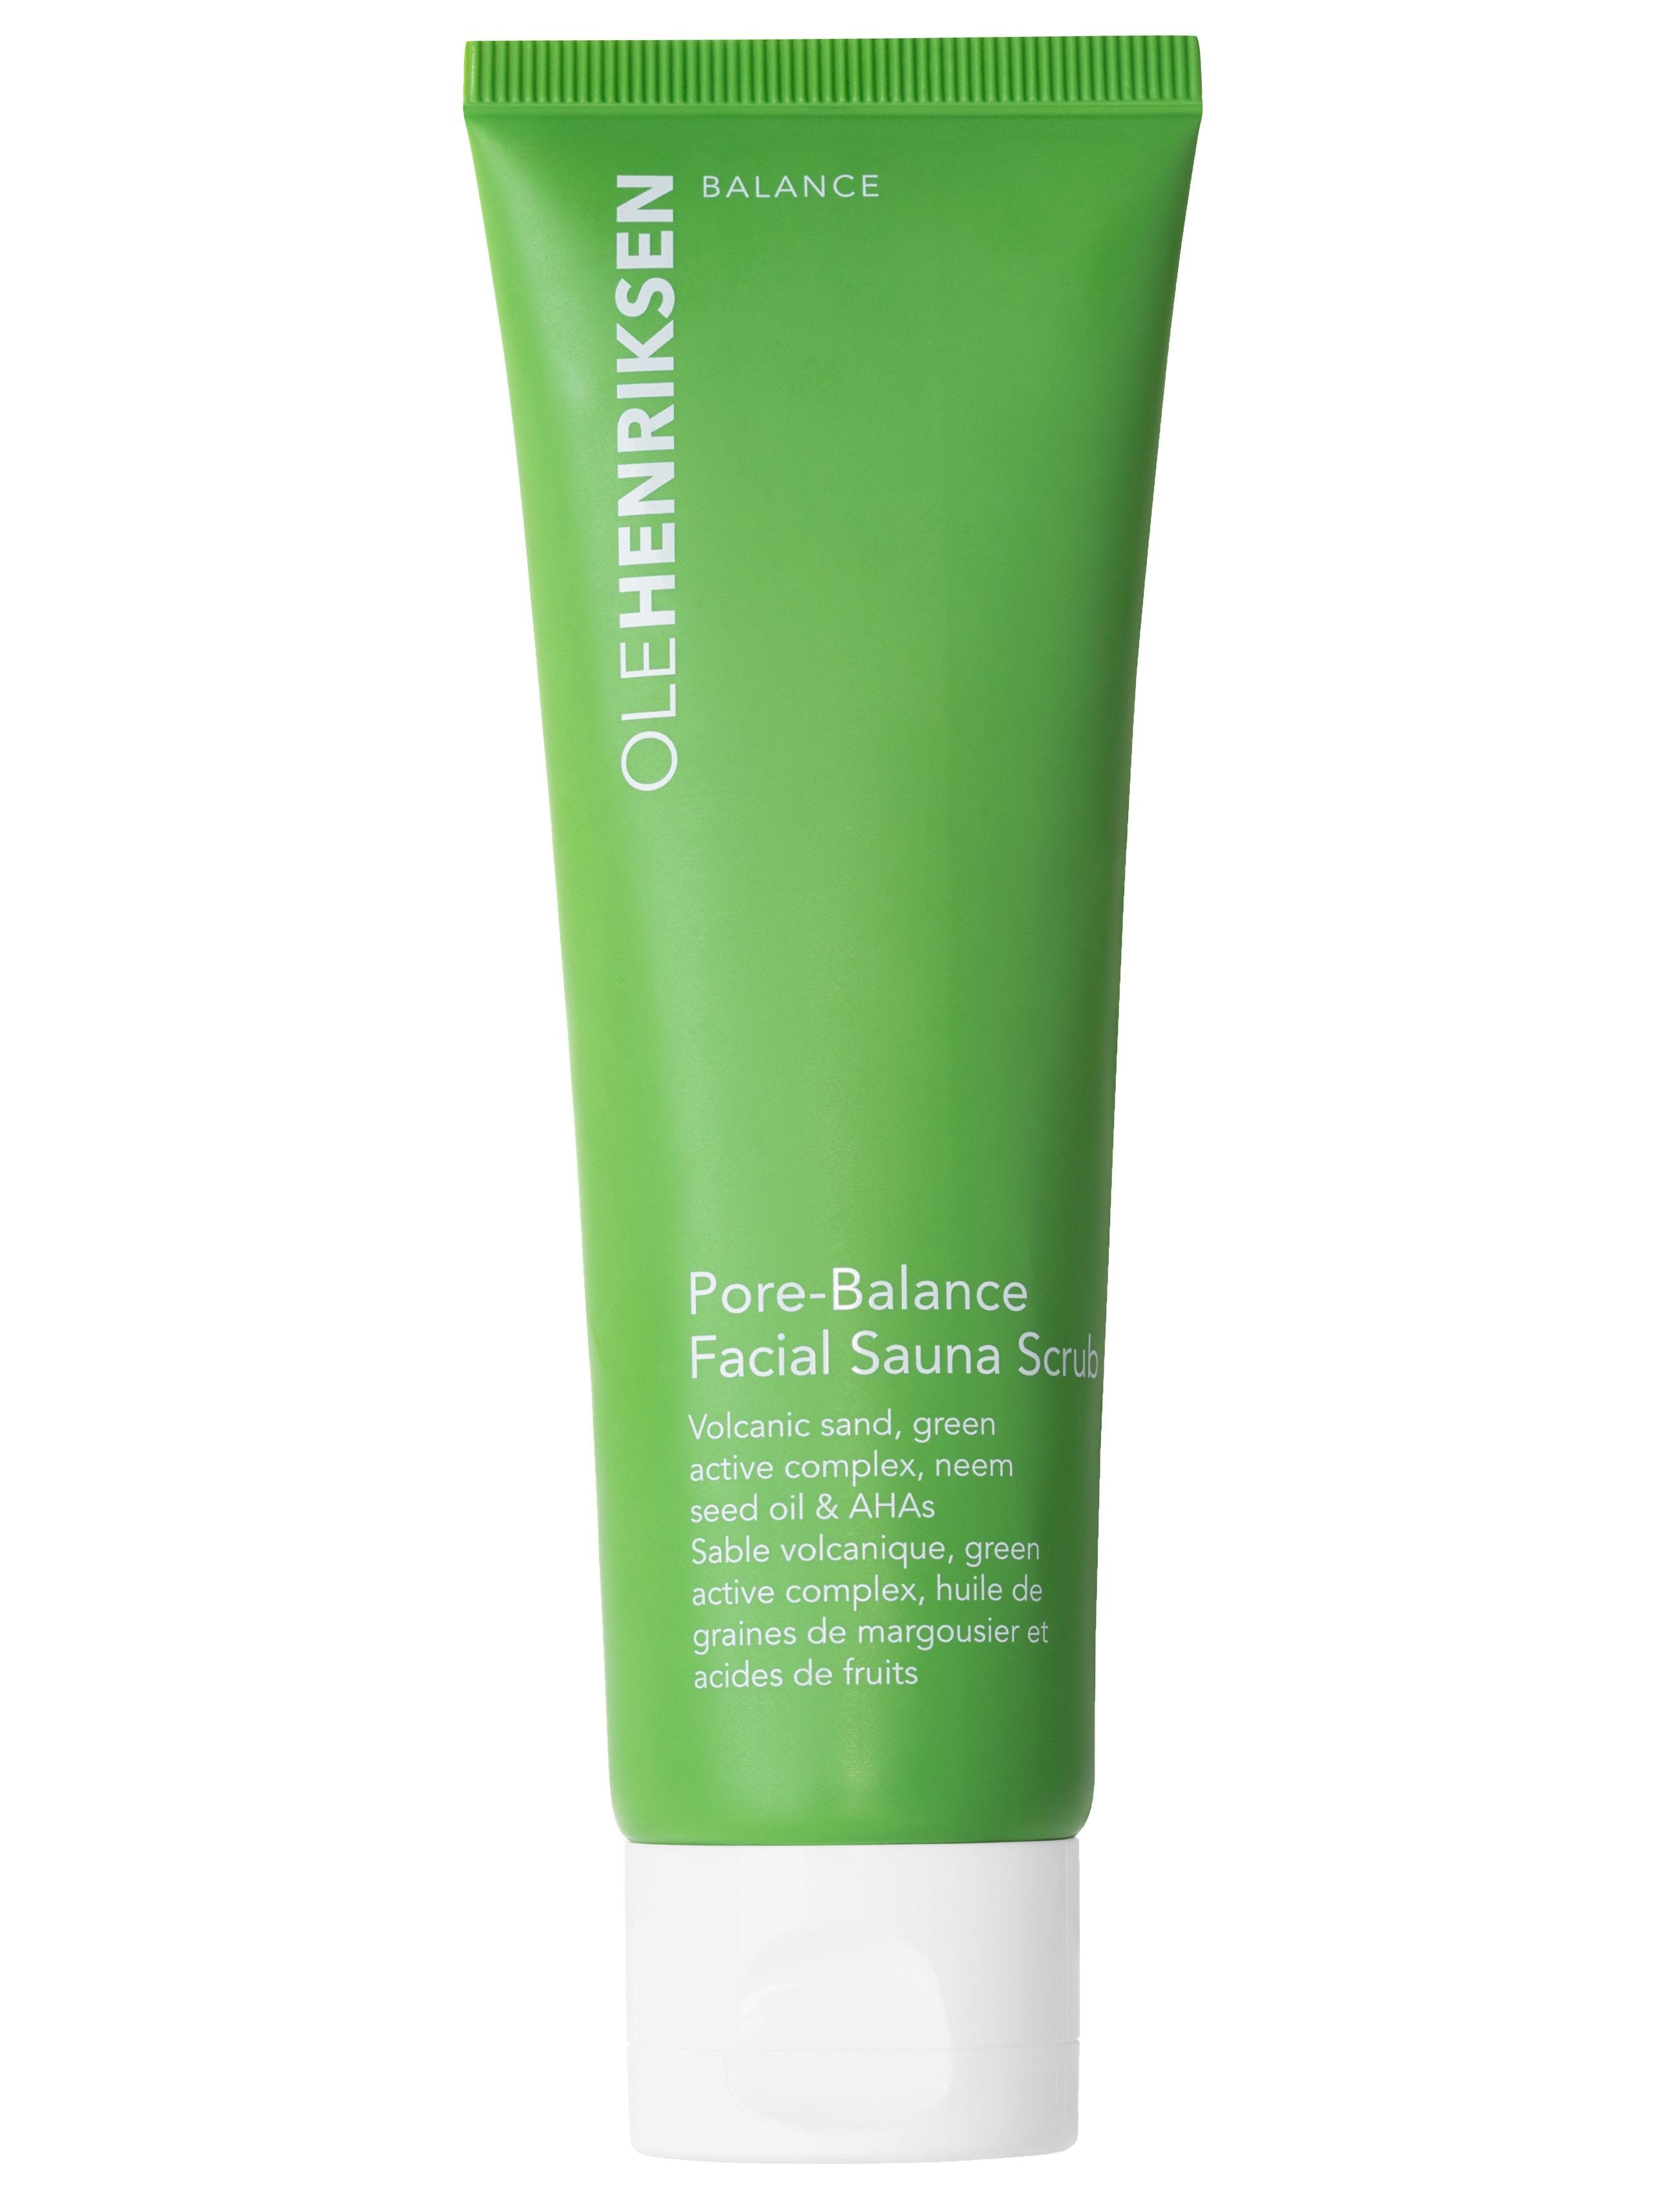 Ole Henriksen Balance Pore-Balance Facial Sauna Scrub, 89 ml